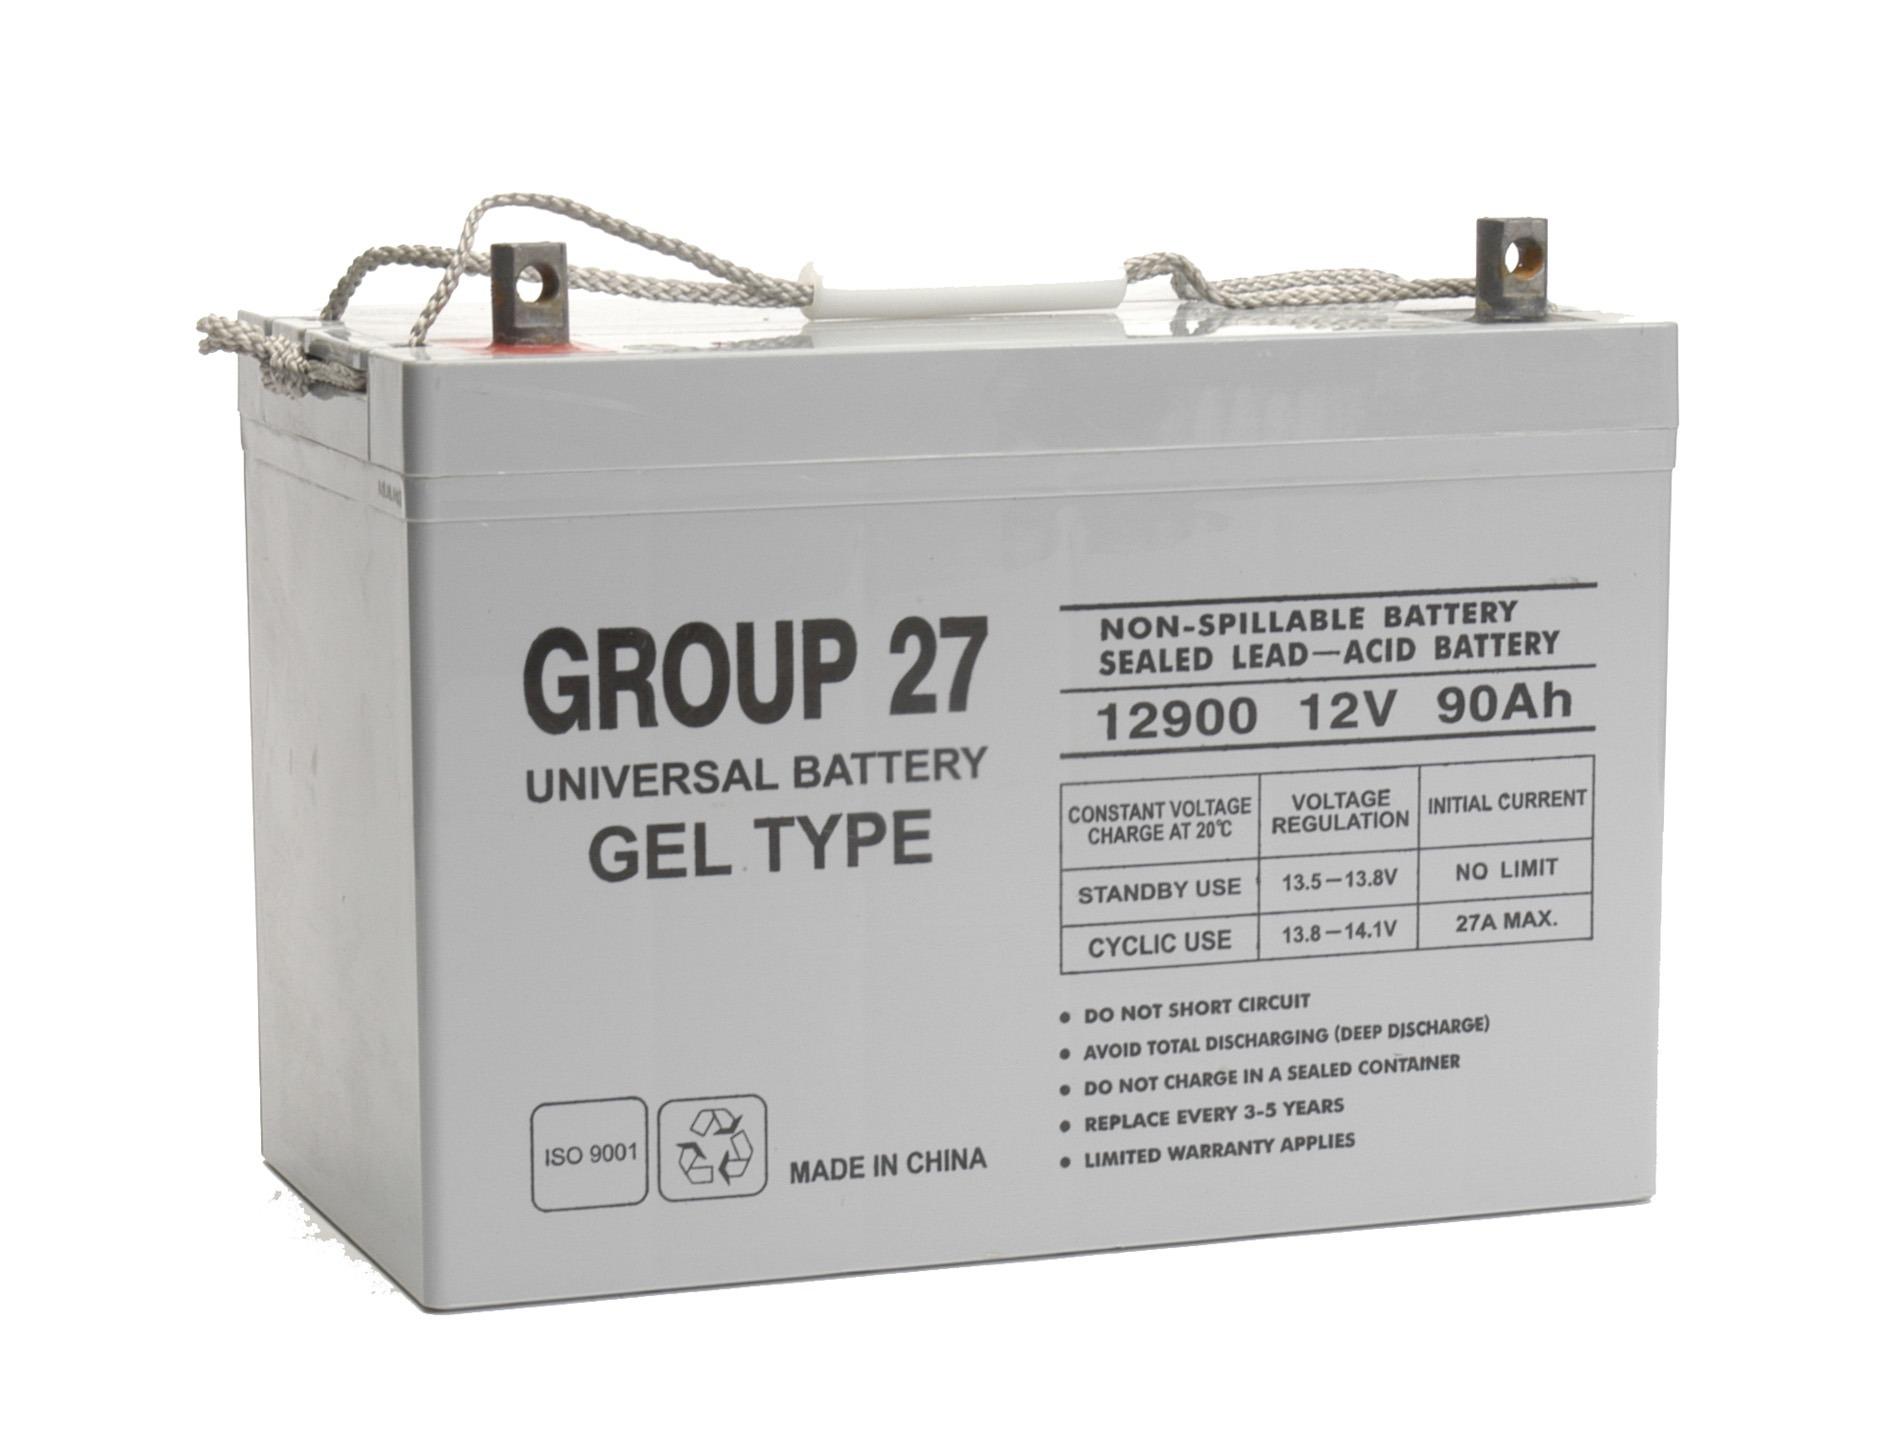 12v 90ah (Group 27) Gel Battery for Caliber Equipment SR 1300 B/ECO